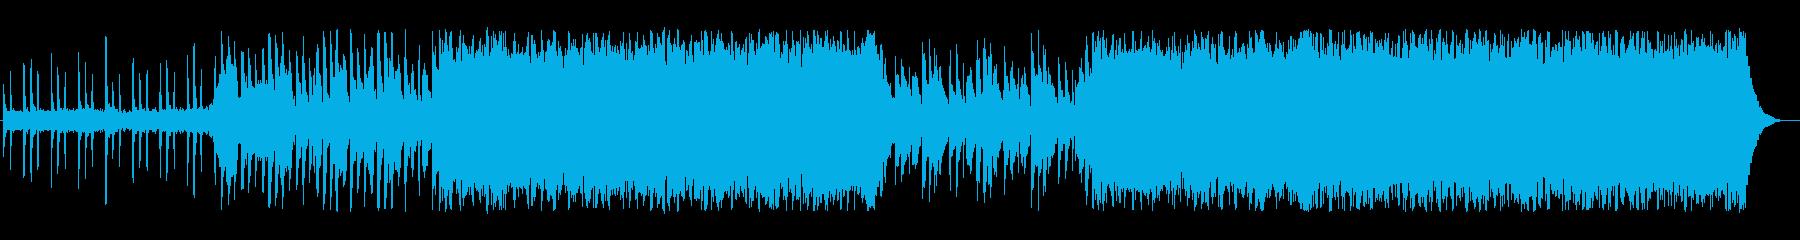 シンセ クールな印象を与えるテクノポップの再生済みの波形